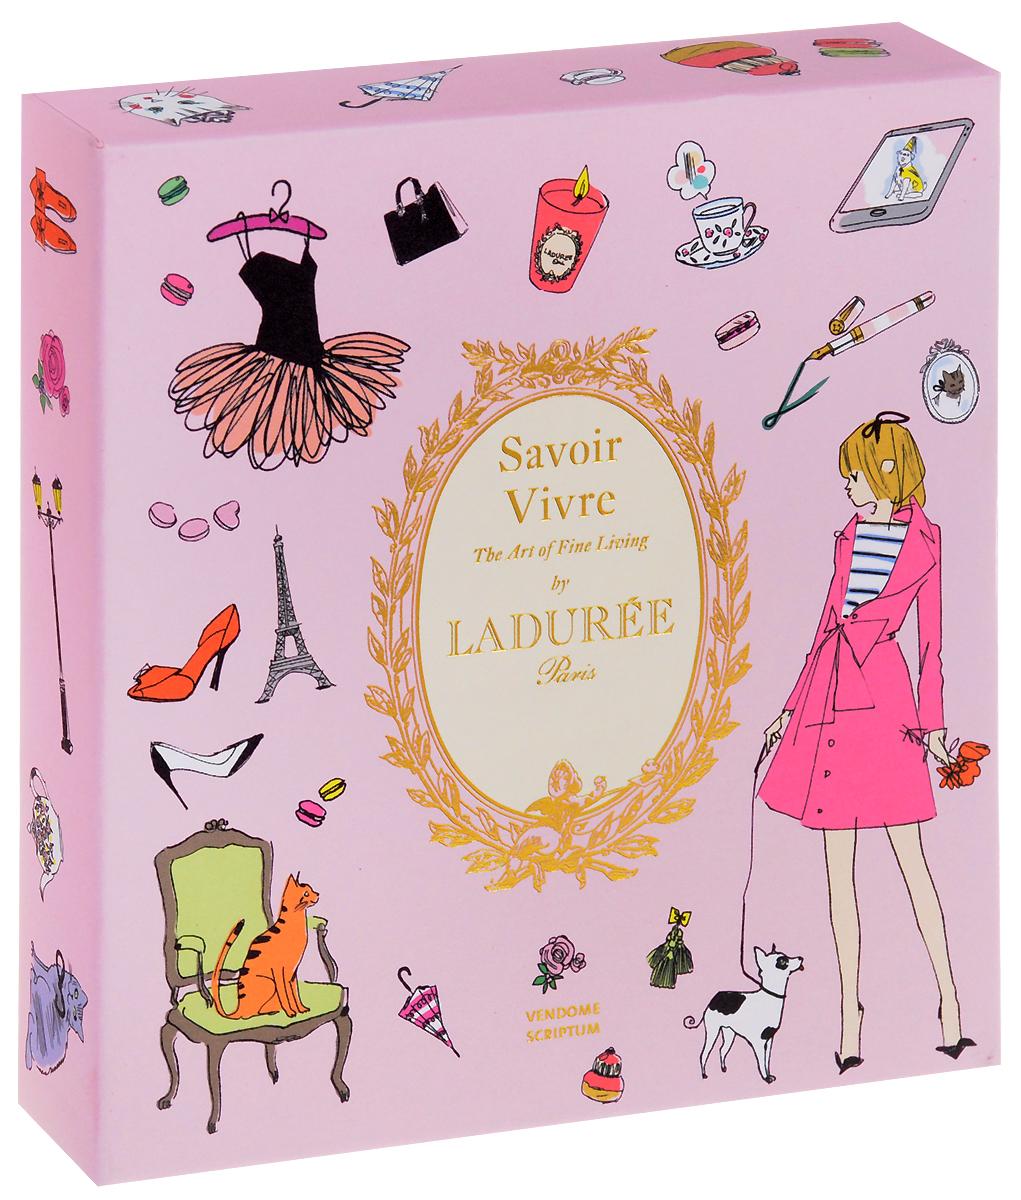 Savoir Vivre: The Art of Fine Living by Laduree